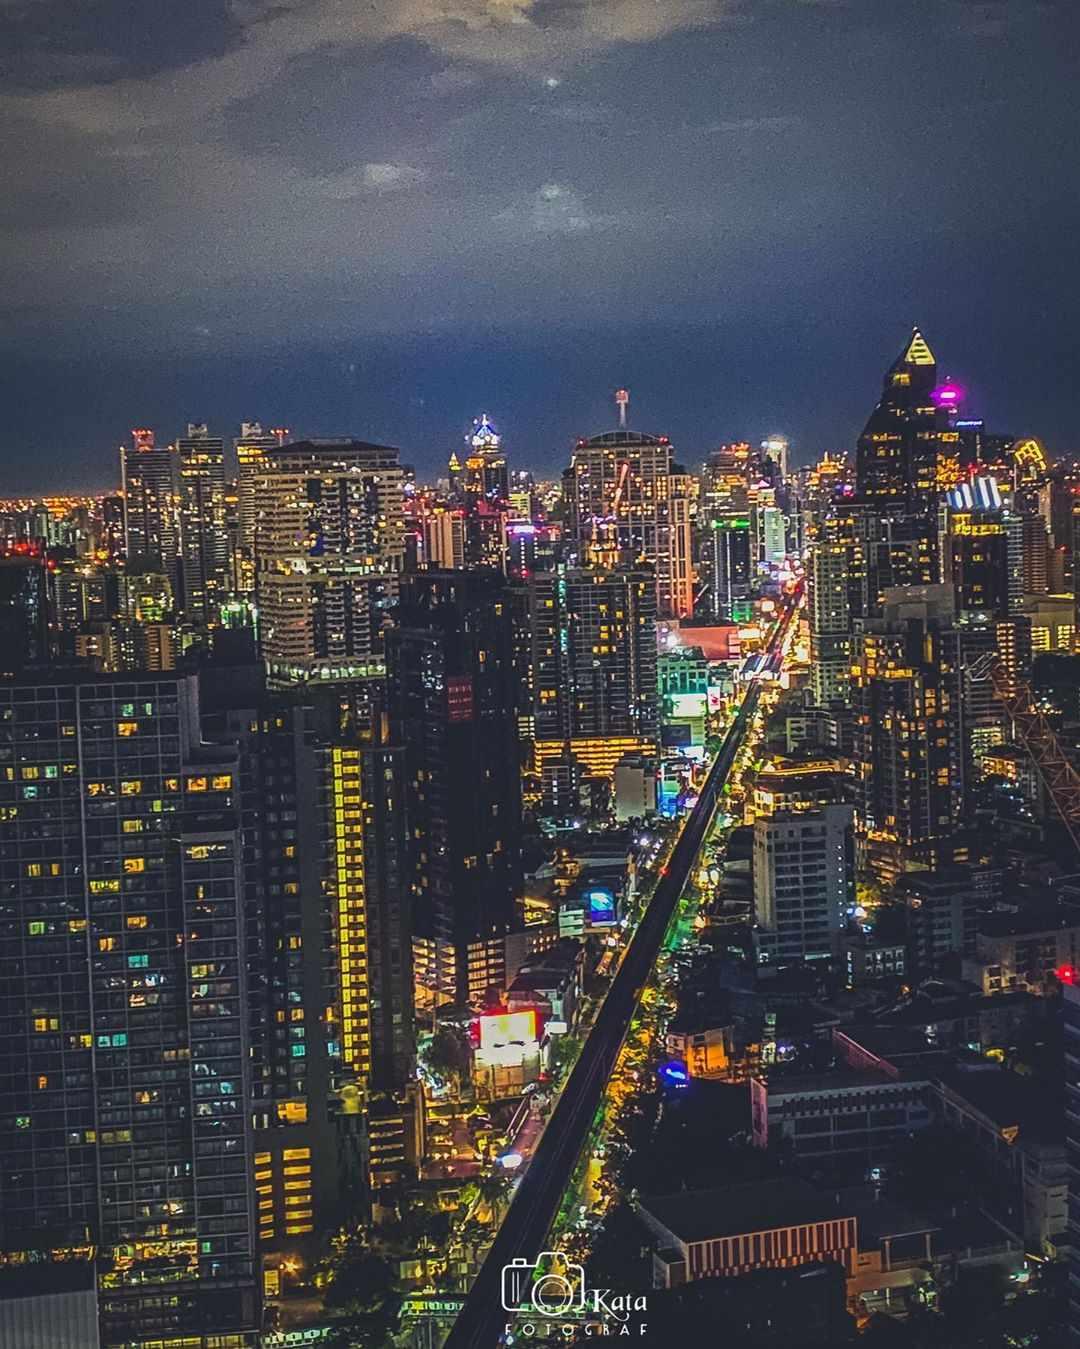 Uitzicht vanaf Octave Rooftop Bar & Lounge tijdens de nacht in Bangkok